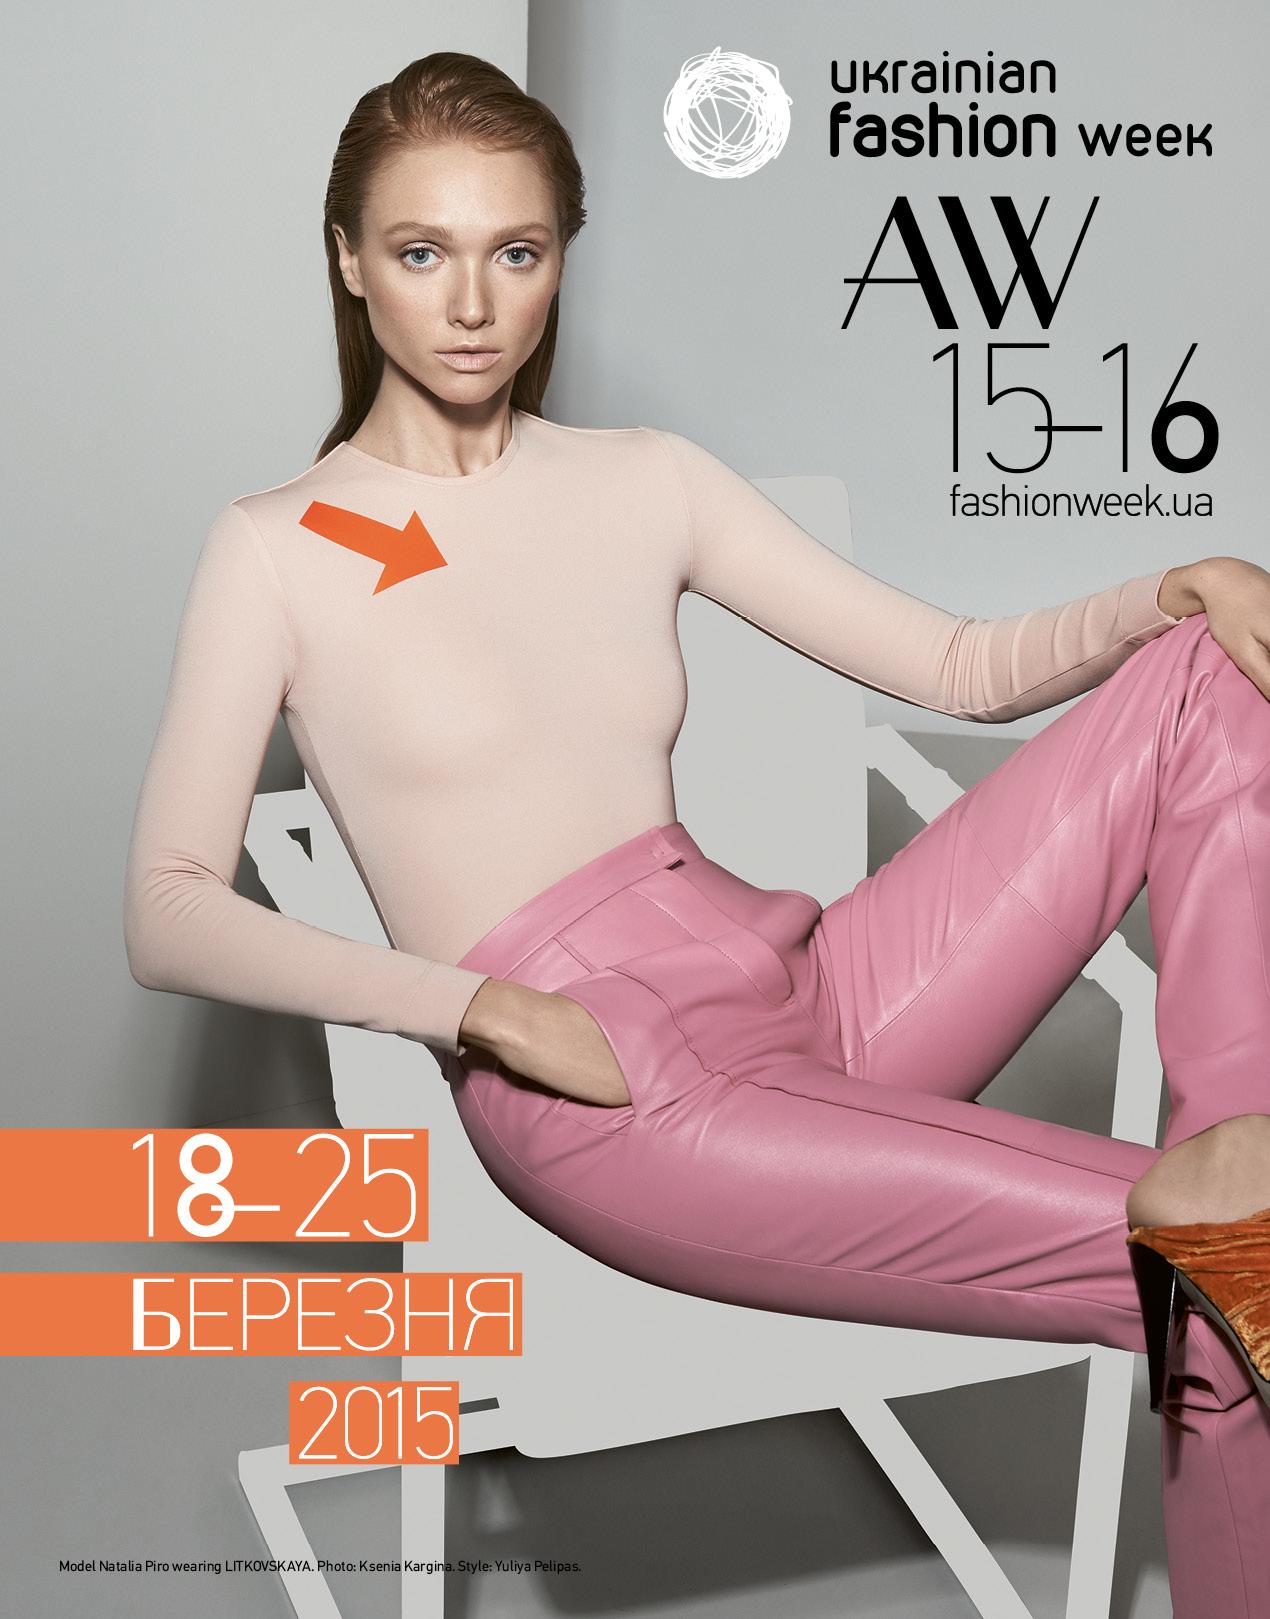 Названы даты проведения 36-ой Ukrainian Fashion Week